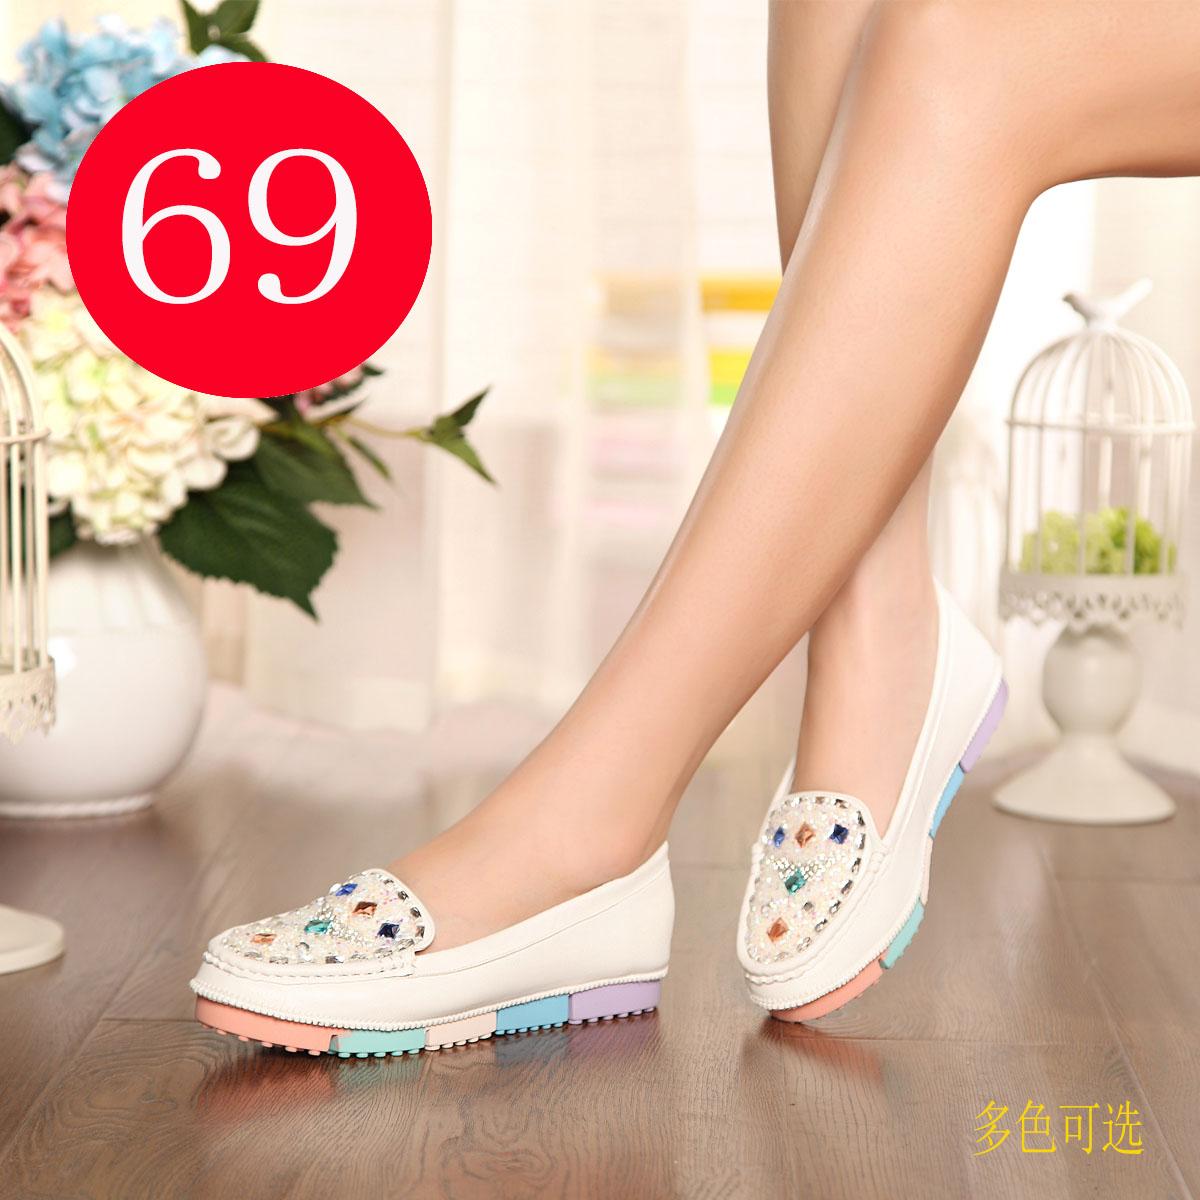 karoe卡罗尔新款单鞋包邮 浅口女鞋pu时尚圆头鞋平底鞋韩版t6692